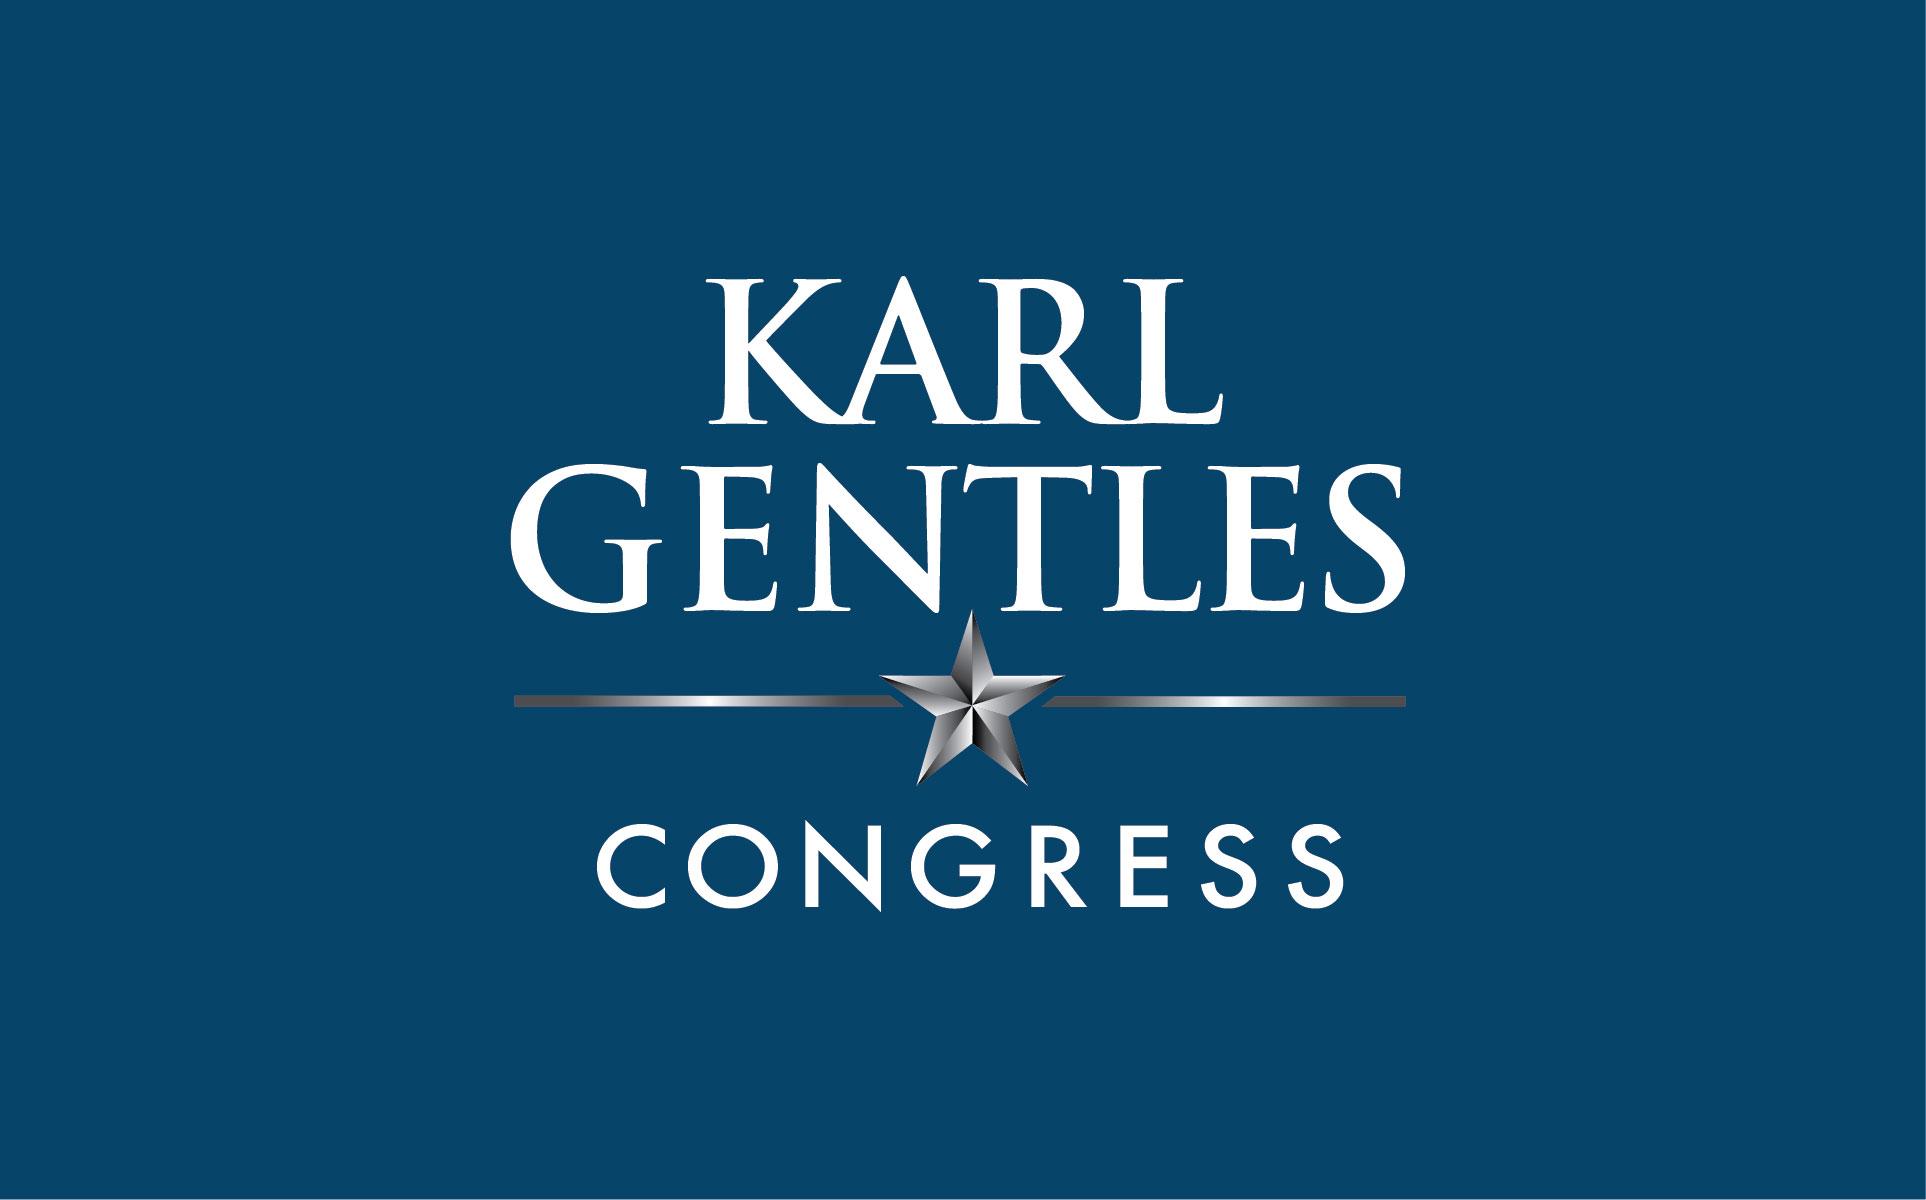 Karl Gentles